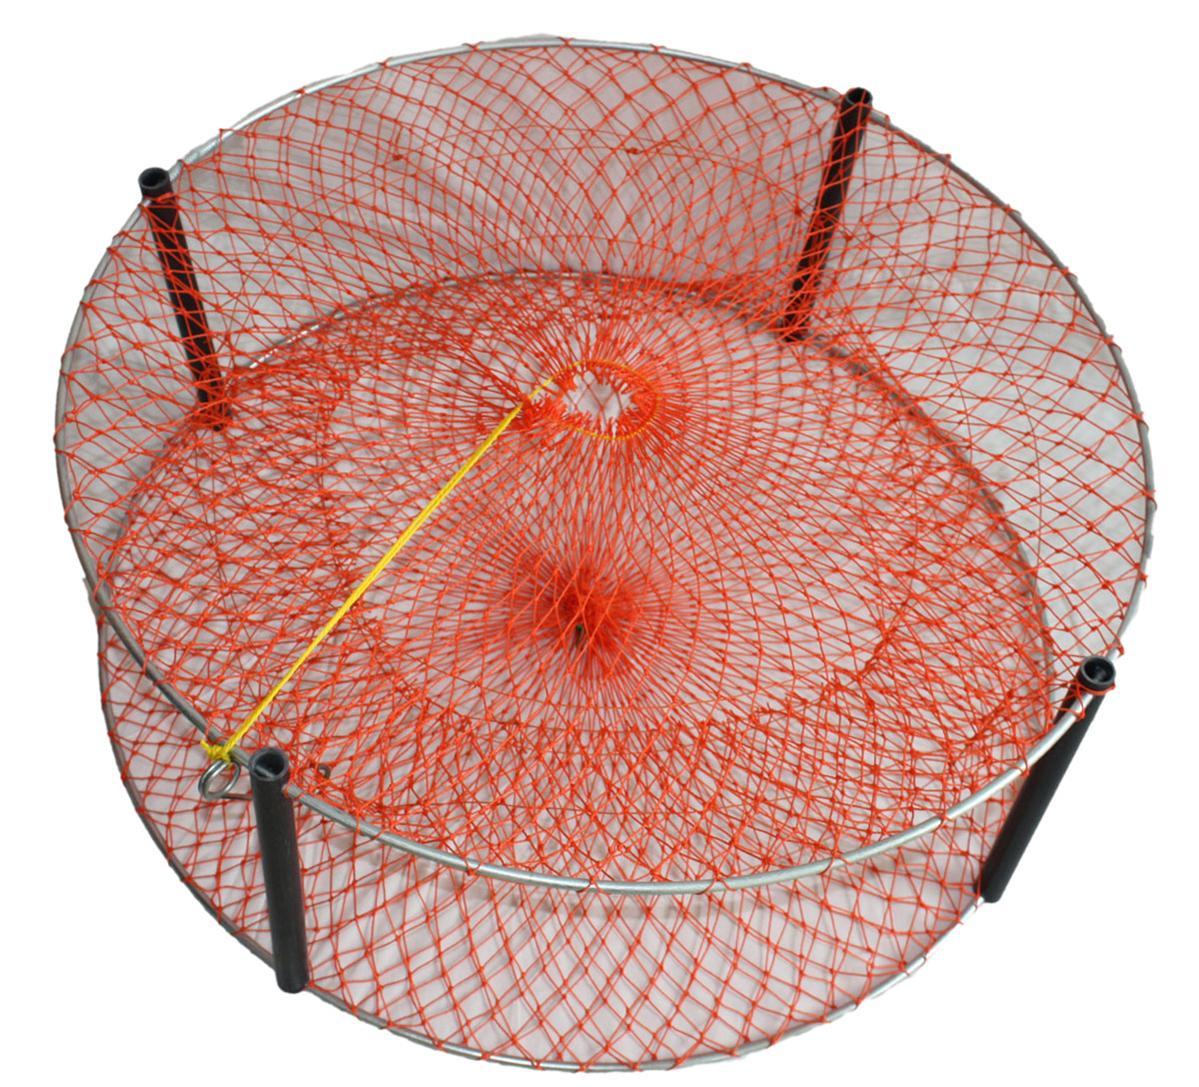 crab pot, crab pots, round crab traps